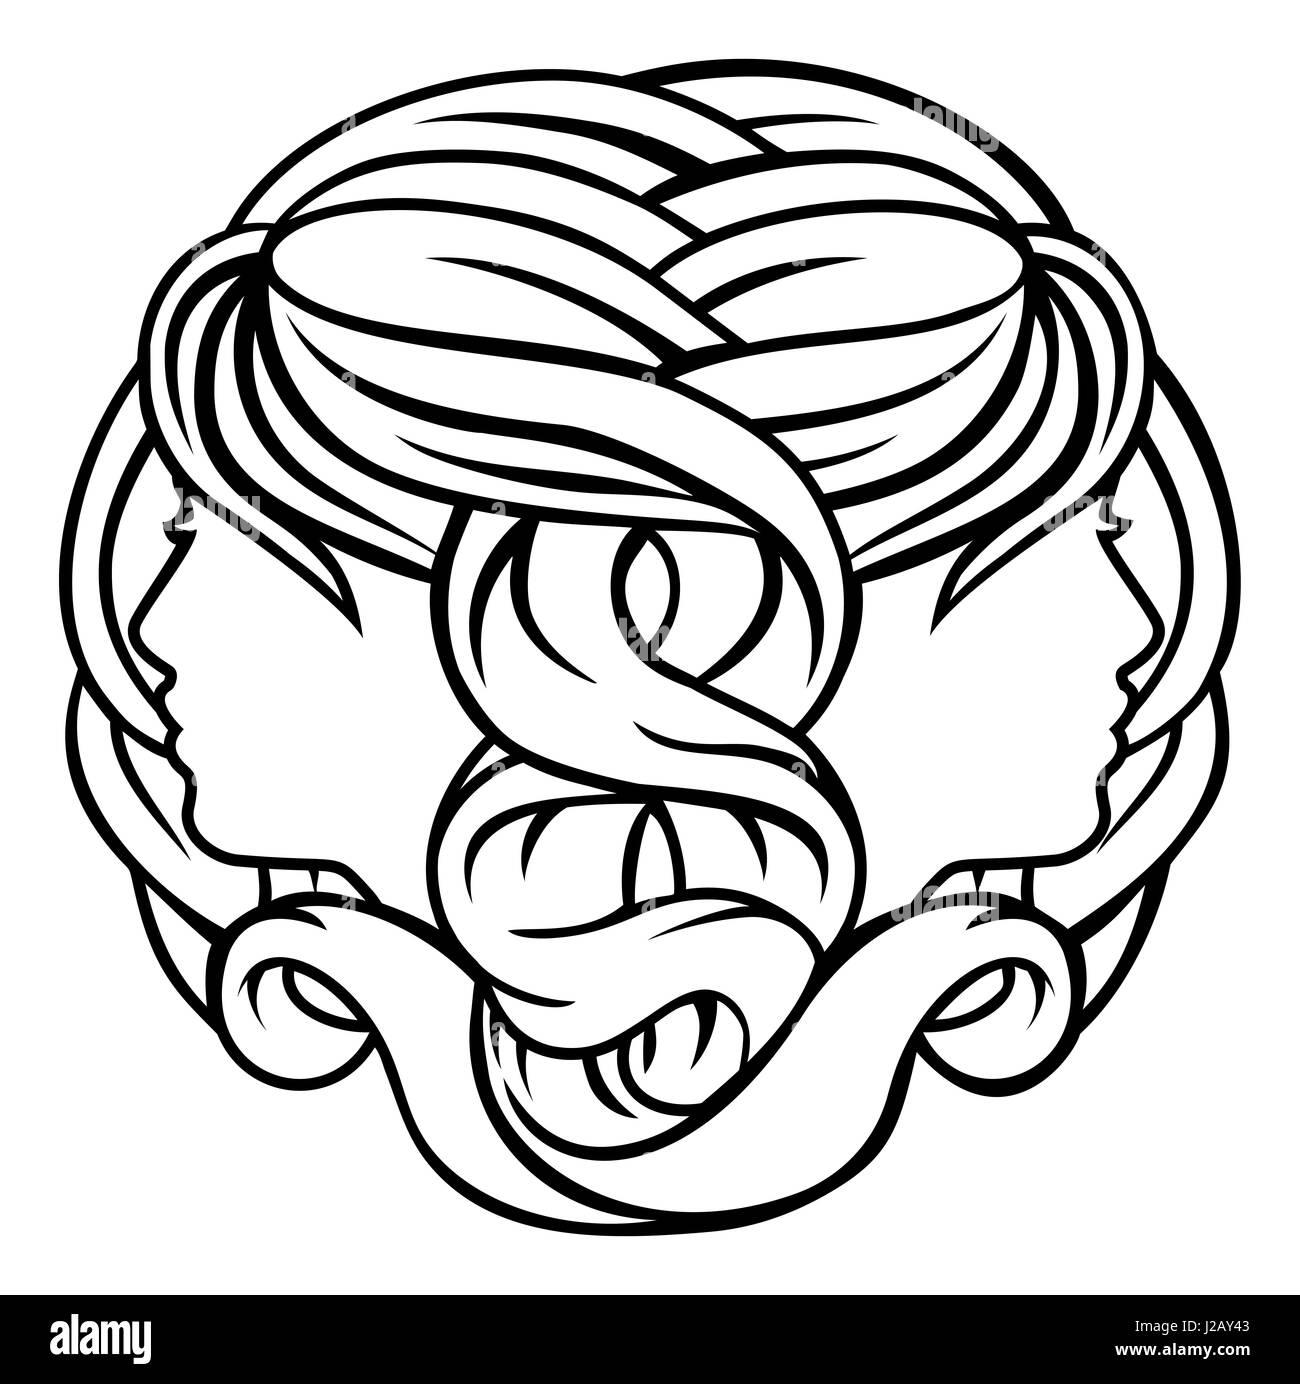 Astrology zodiac signs circular gemini twins horoscope symbol astrology zodiac signs circular gemini twins horoscope symbol buycottarizona